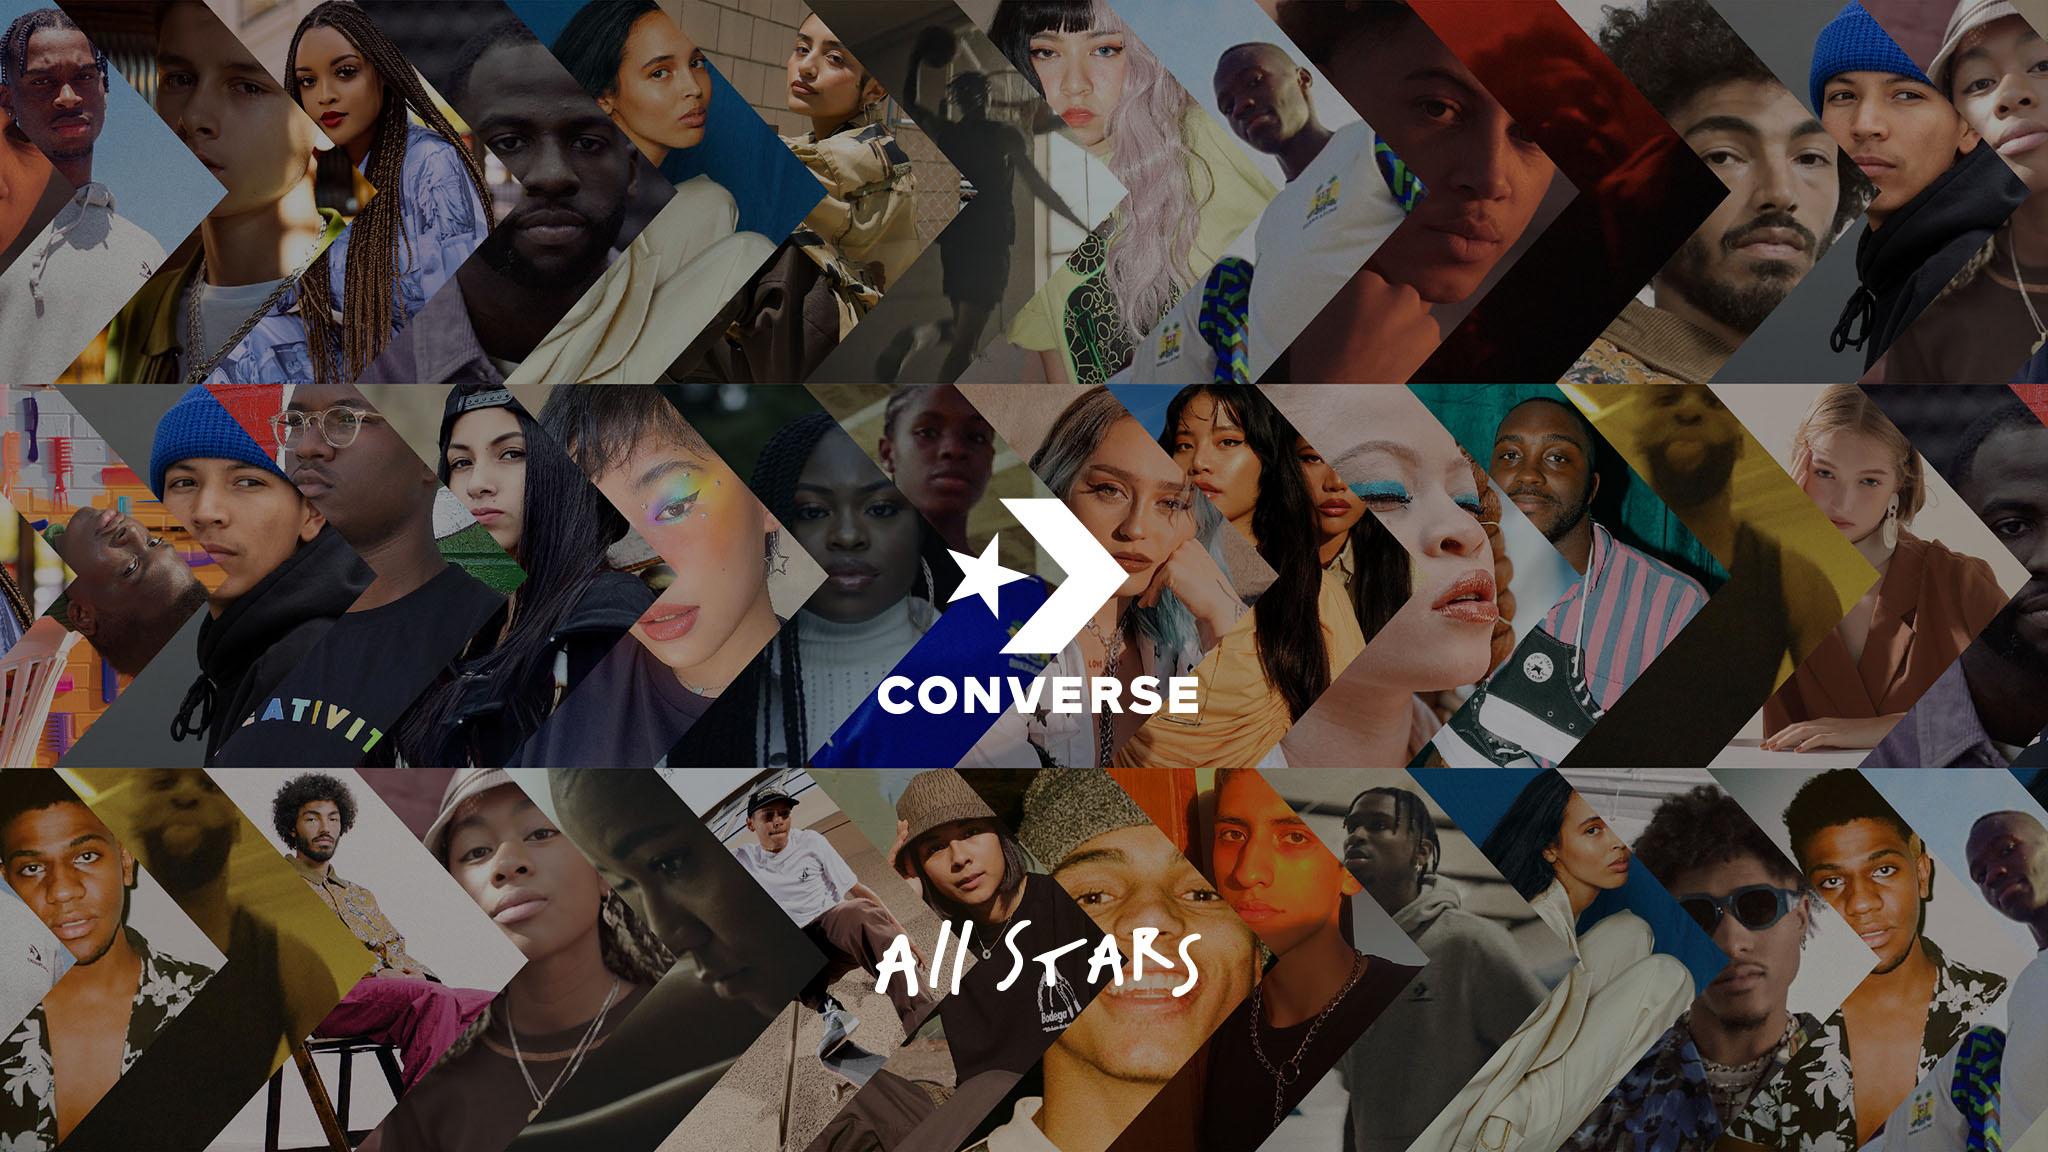 Converse nhân sức ảnh hưởng cùng chiếc lược All Stars Series